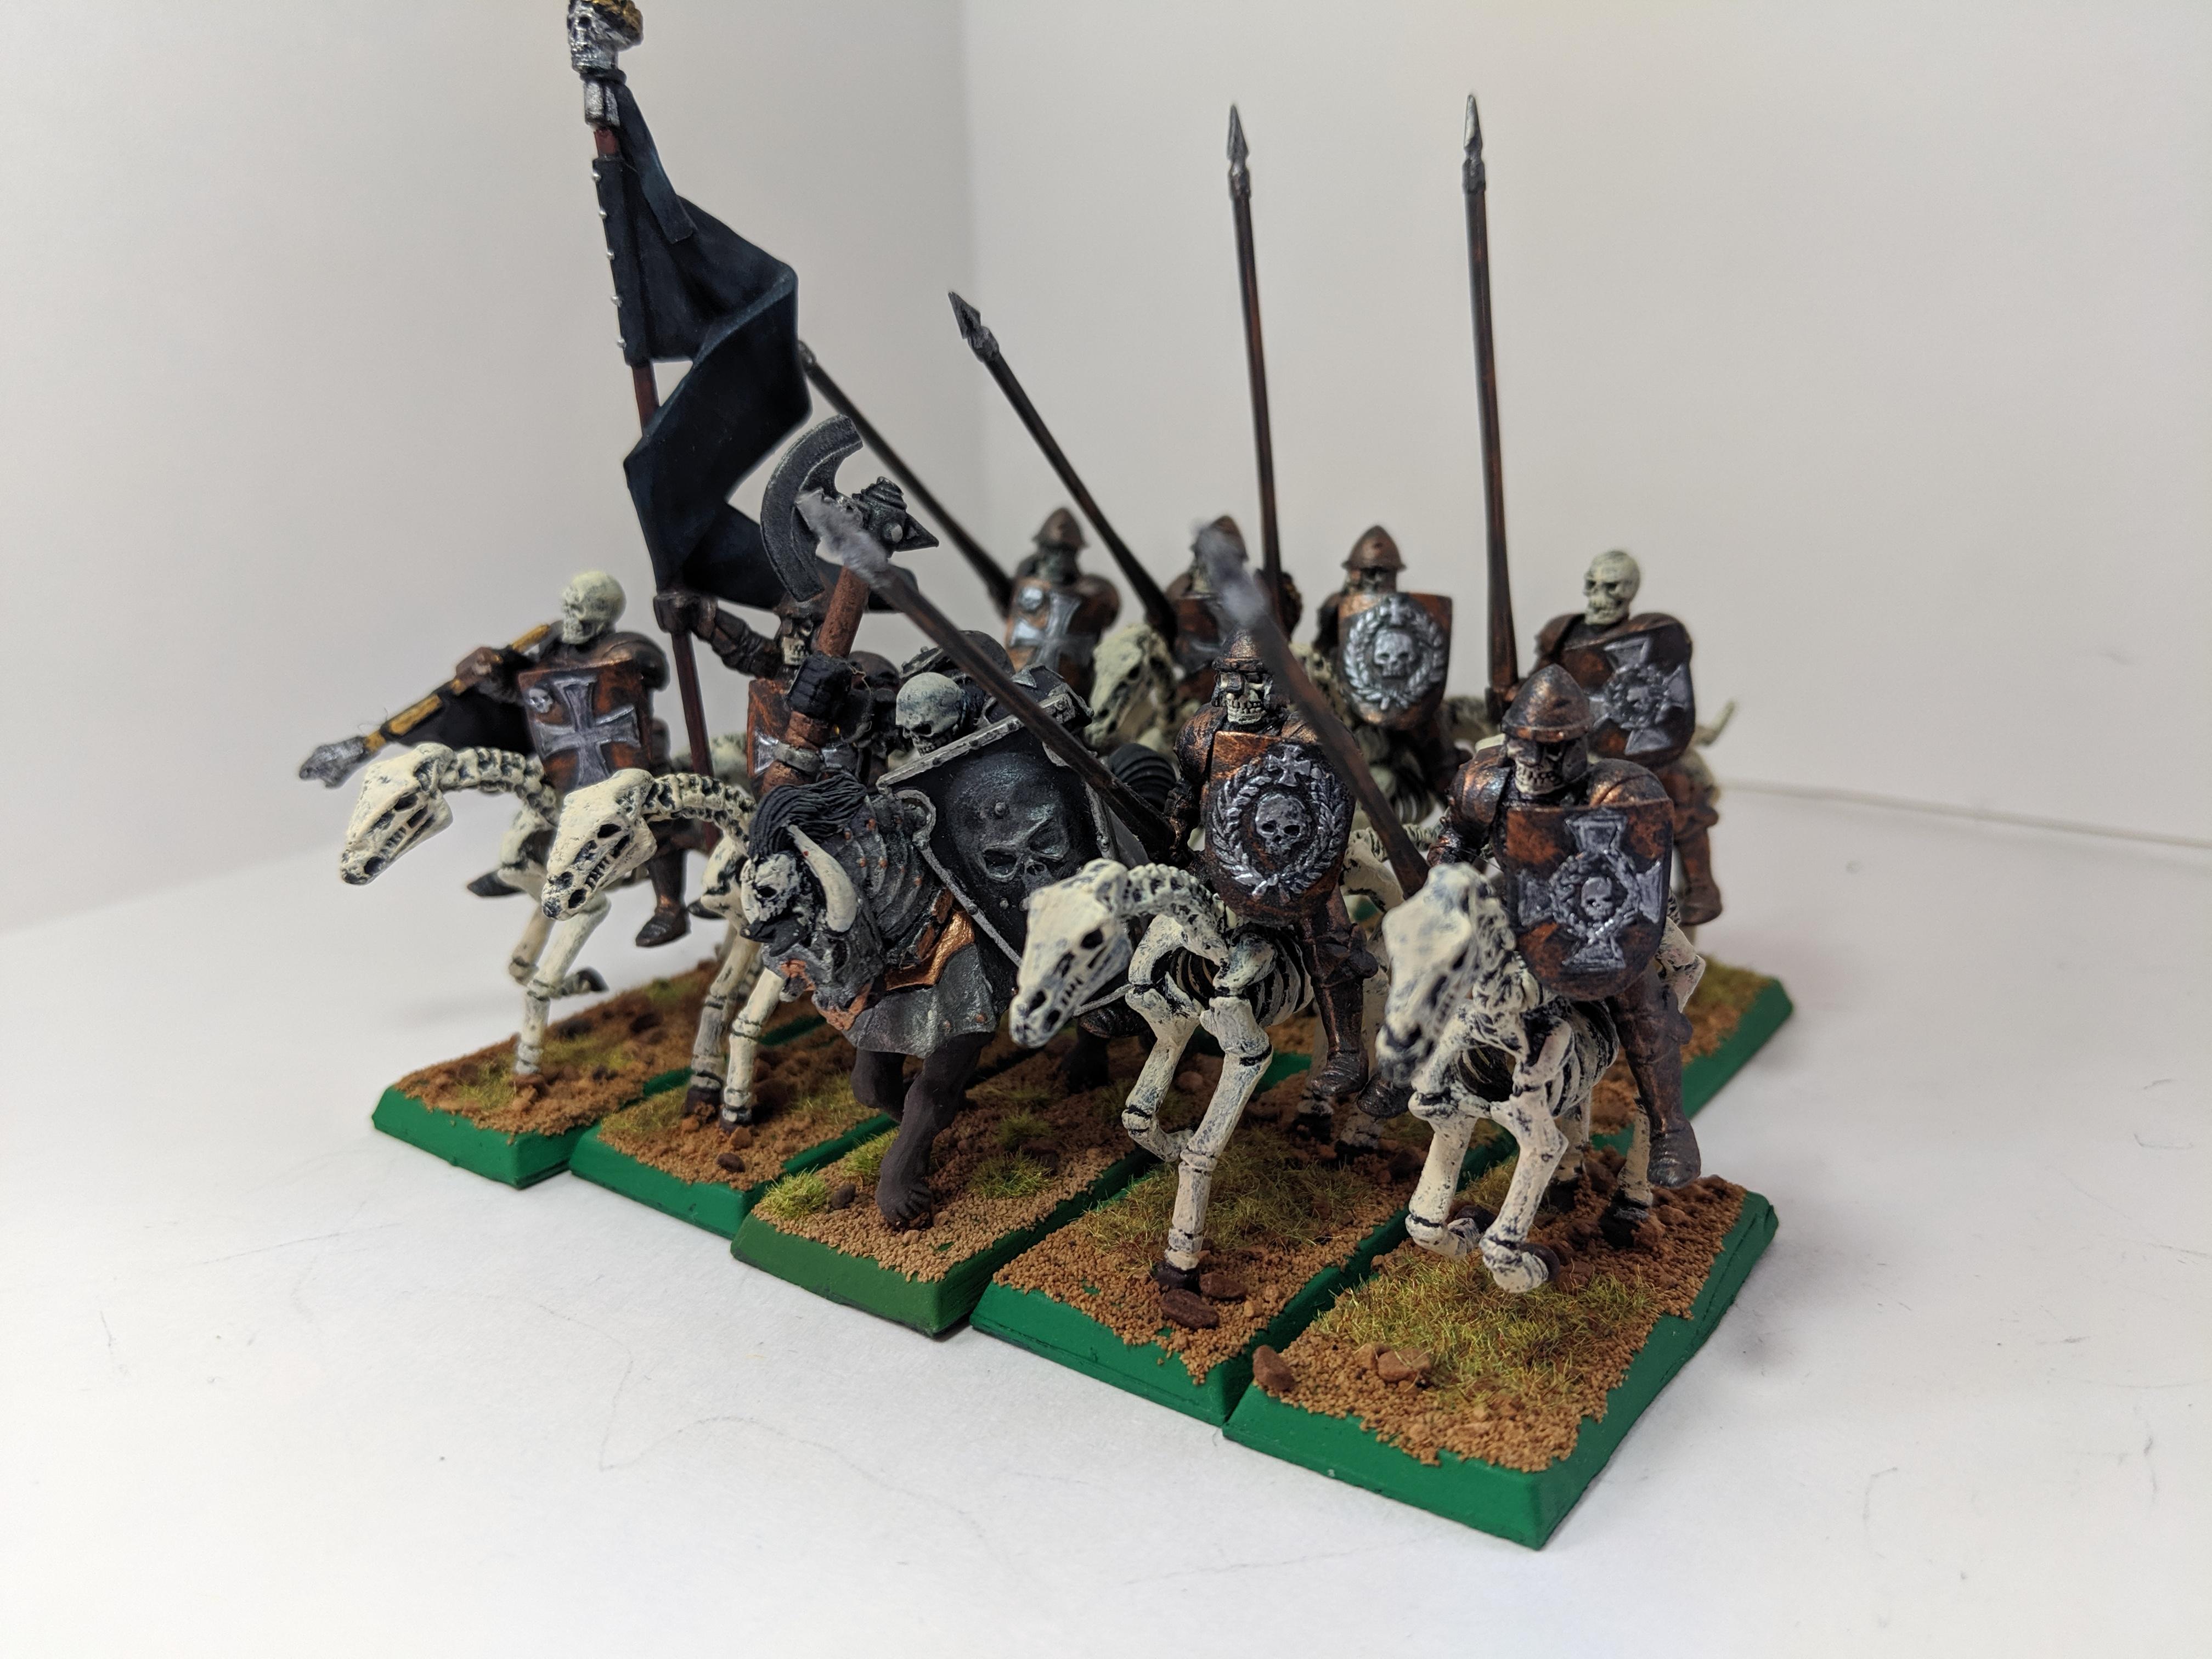 Black Knights - Black Unit